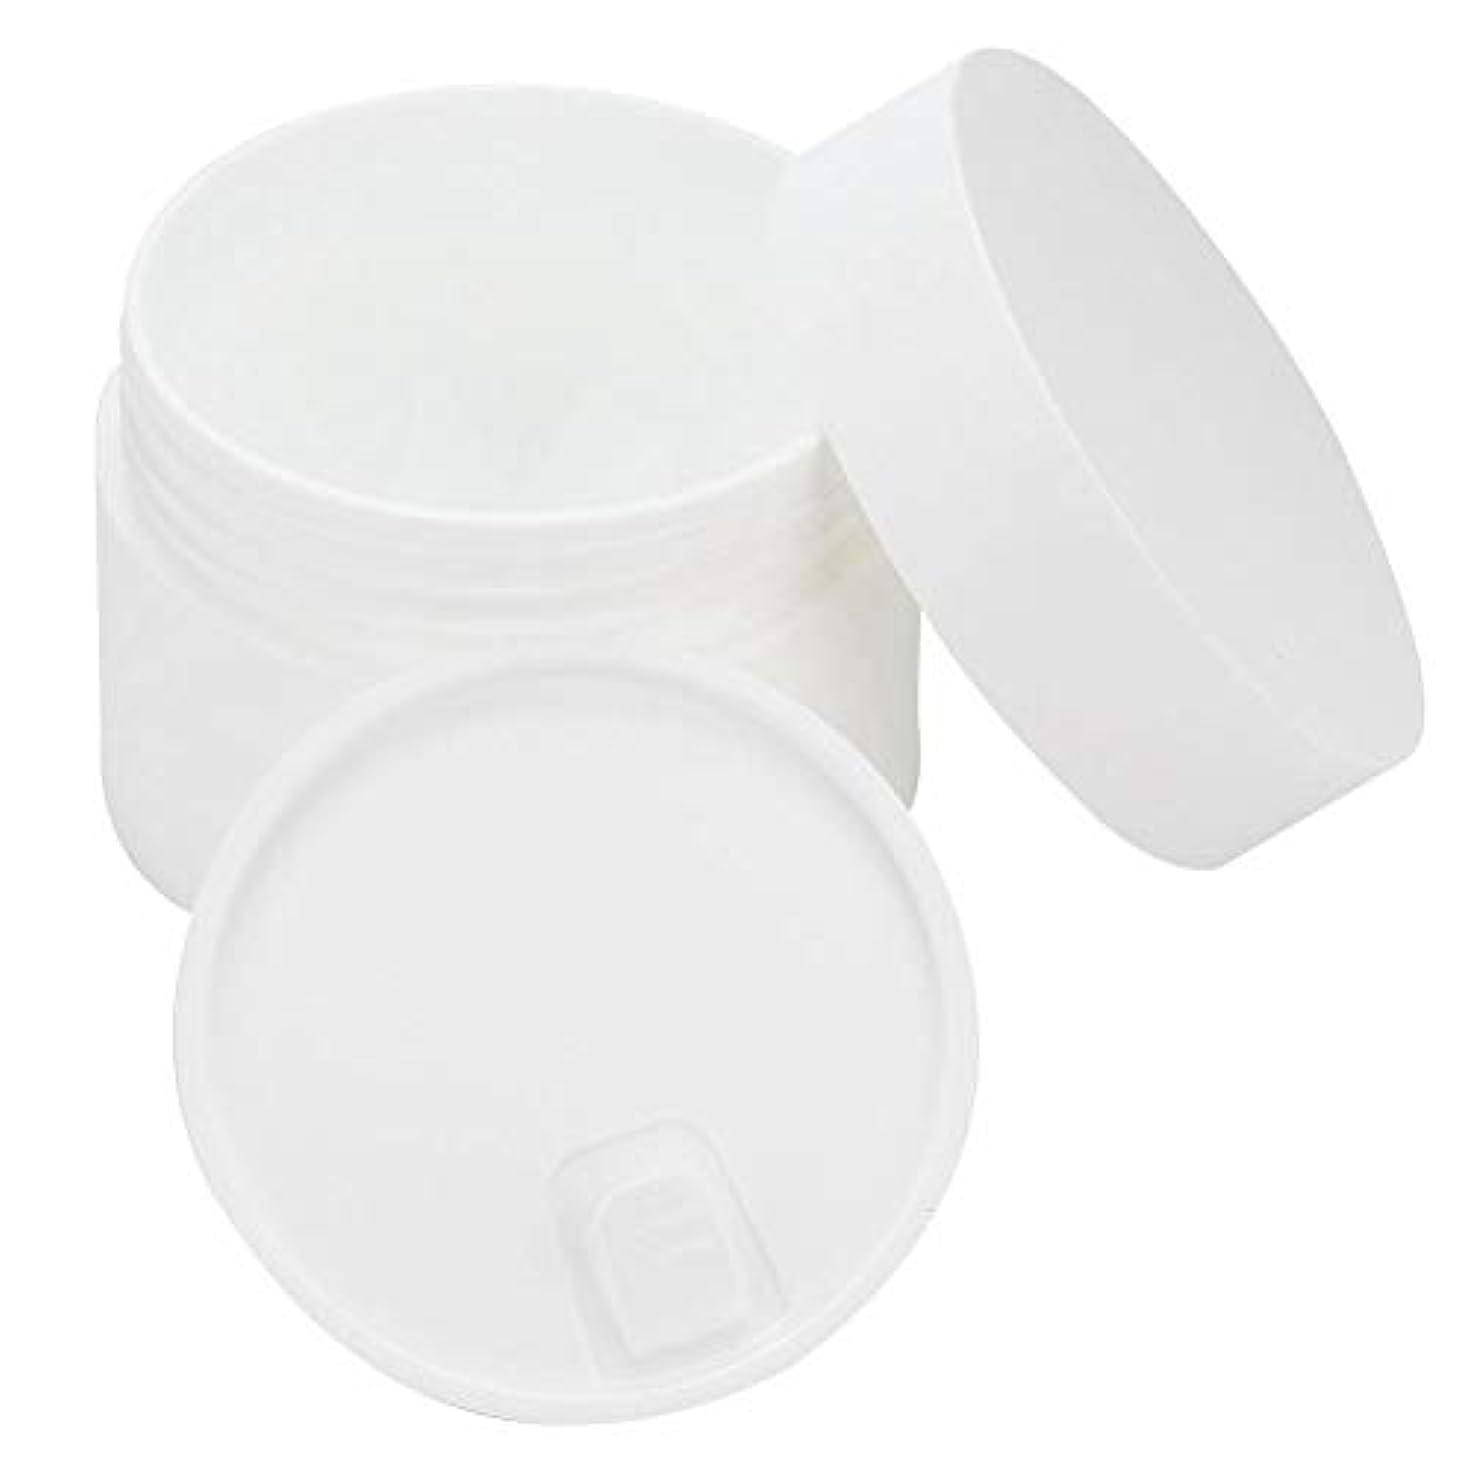 詳細に大邸宅重さ30g空の旅行フェイシャルクリームボトル充填可能なスキンケア製品容器ボトルDIYマスクボトル